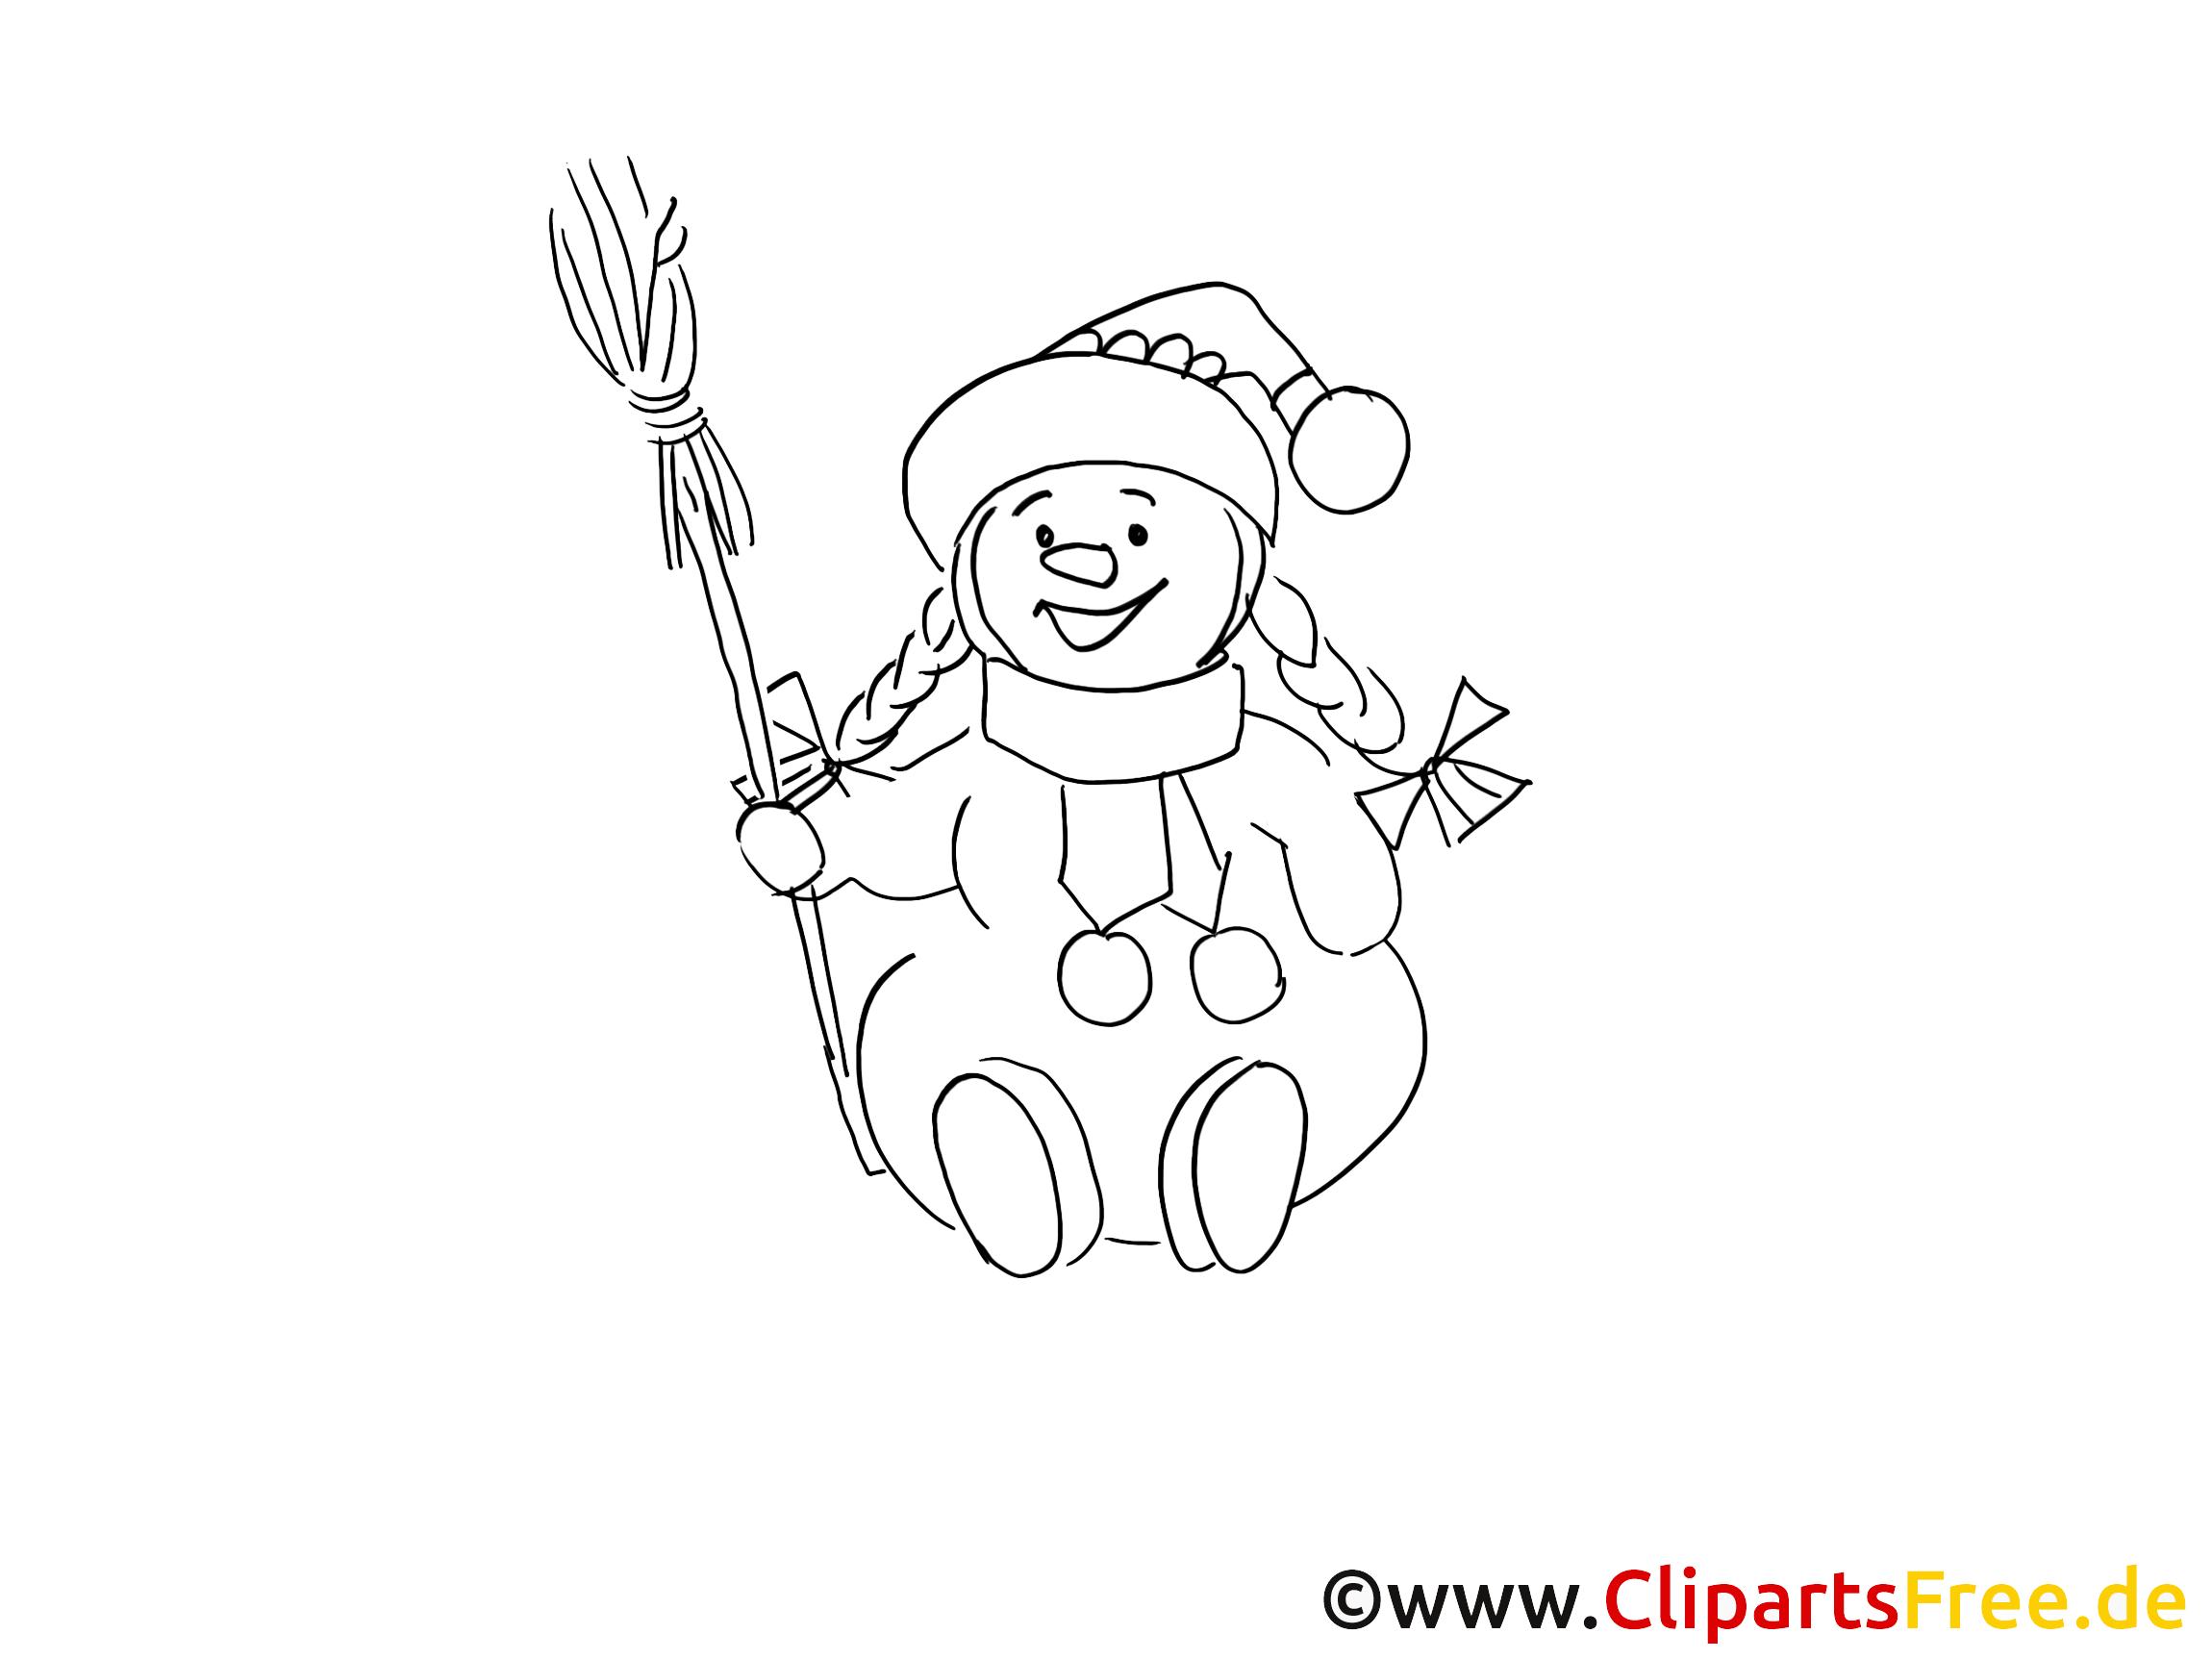 glücklicher schneemann ausmalbilder gratis für kinder